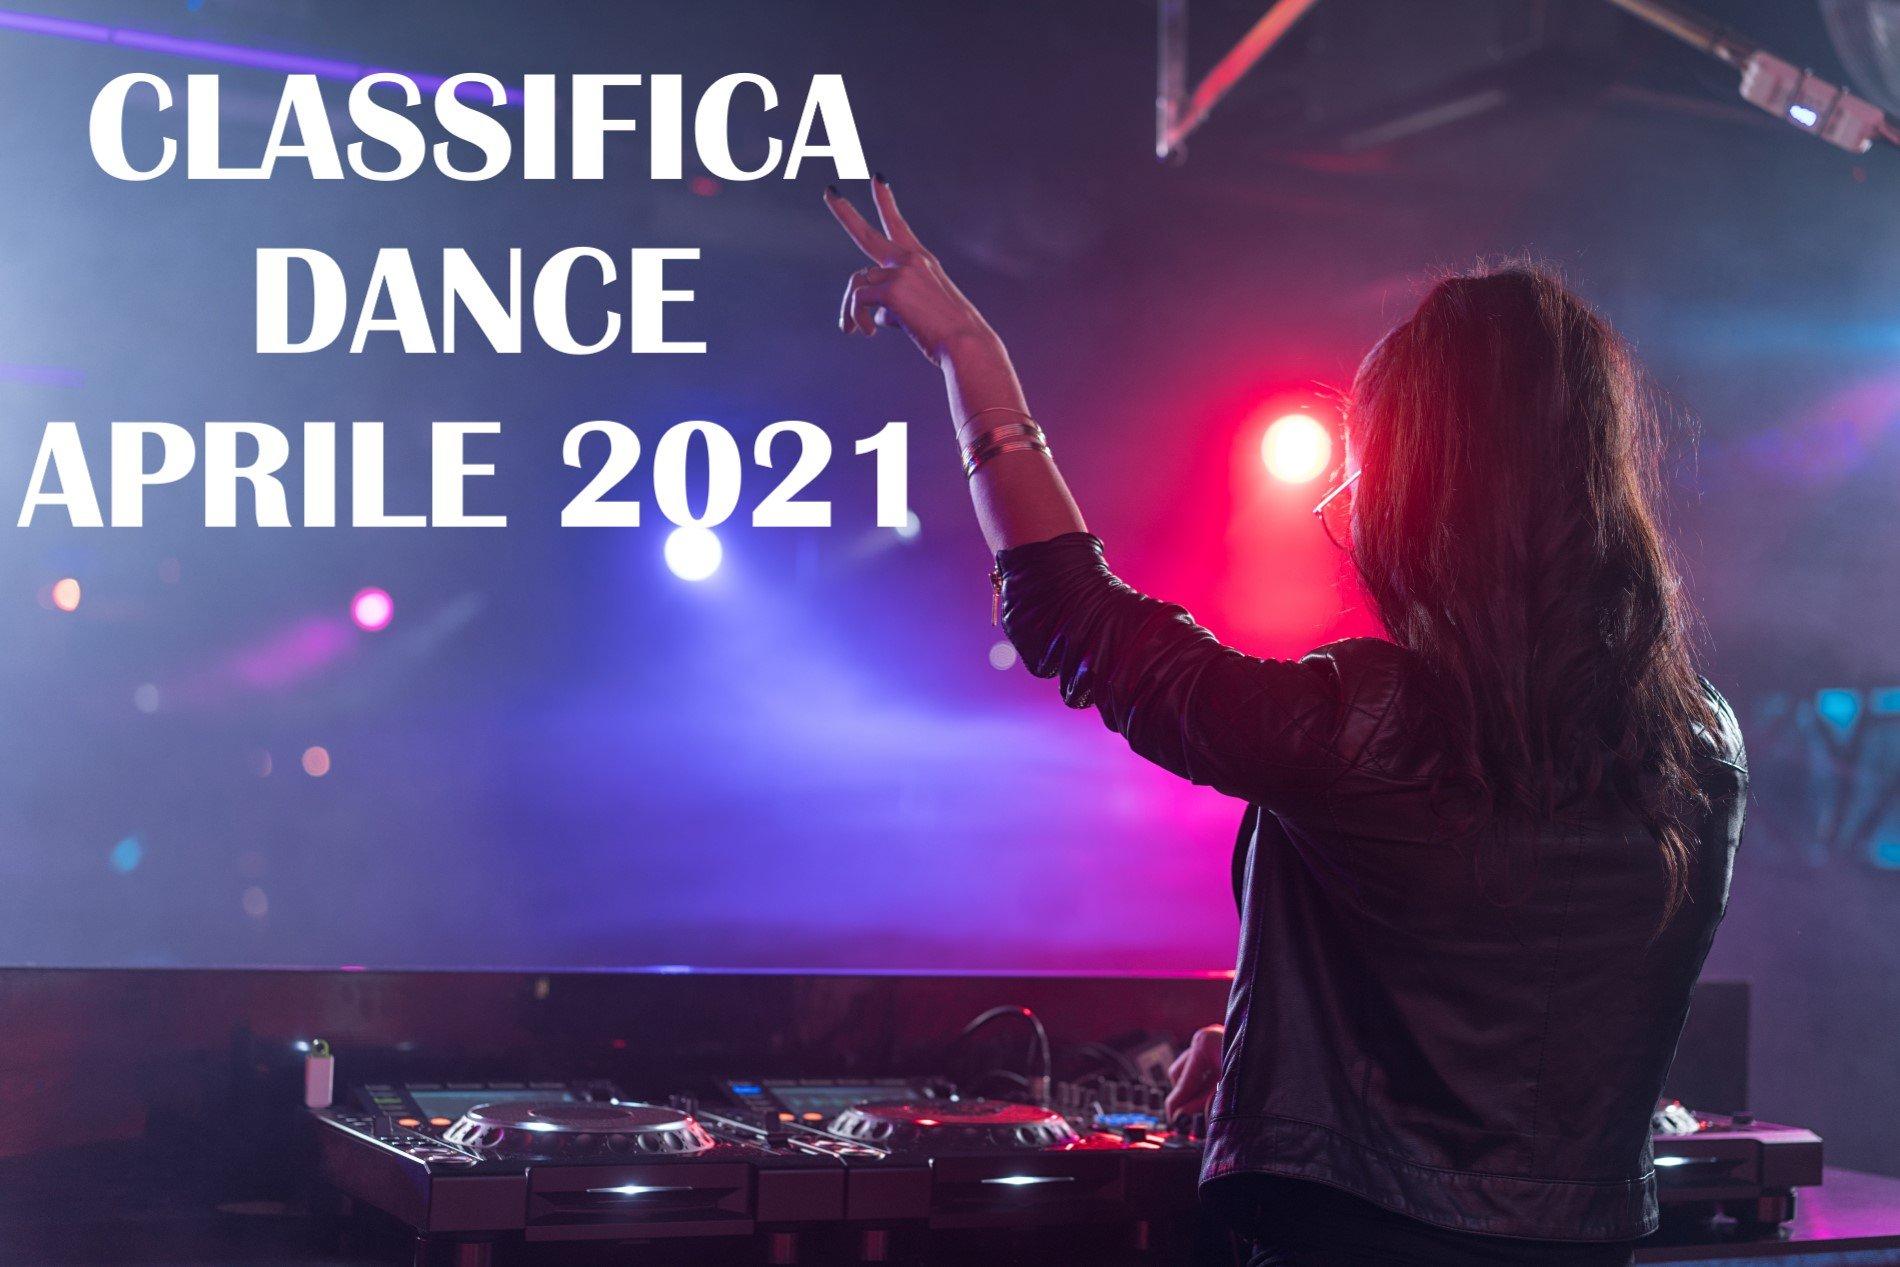 CLASSIFICA DANCE APRILE 2021